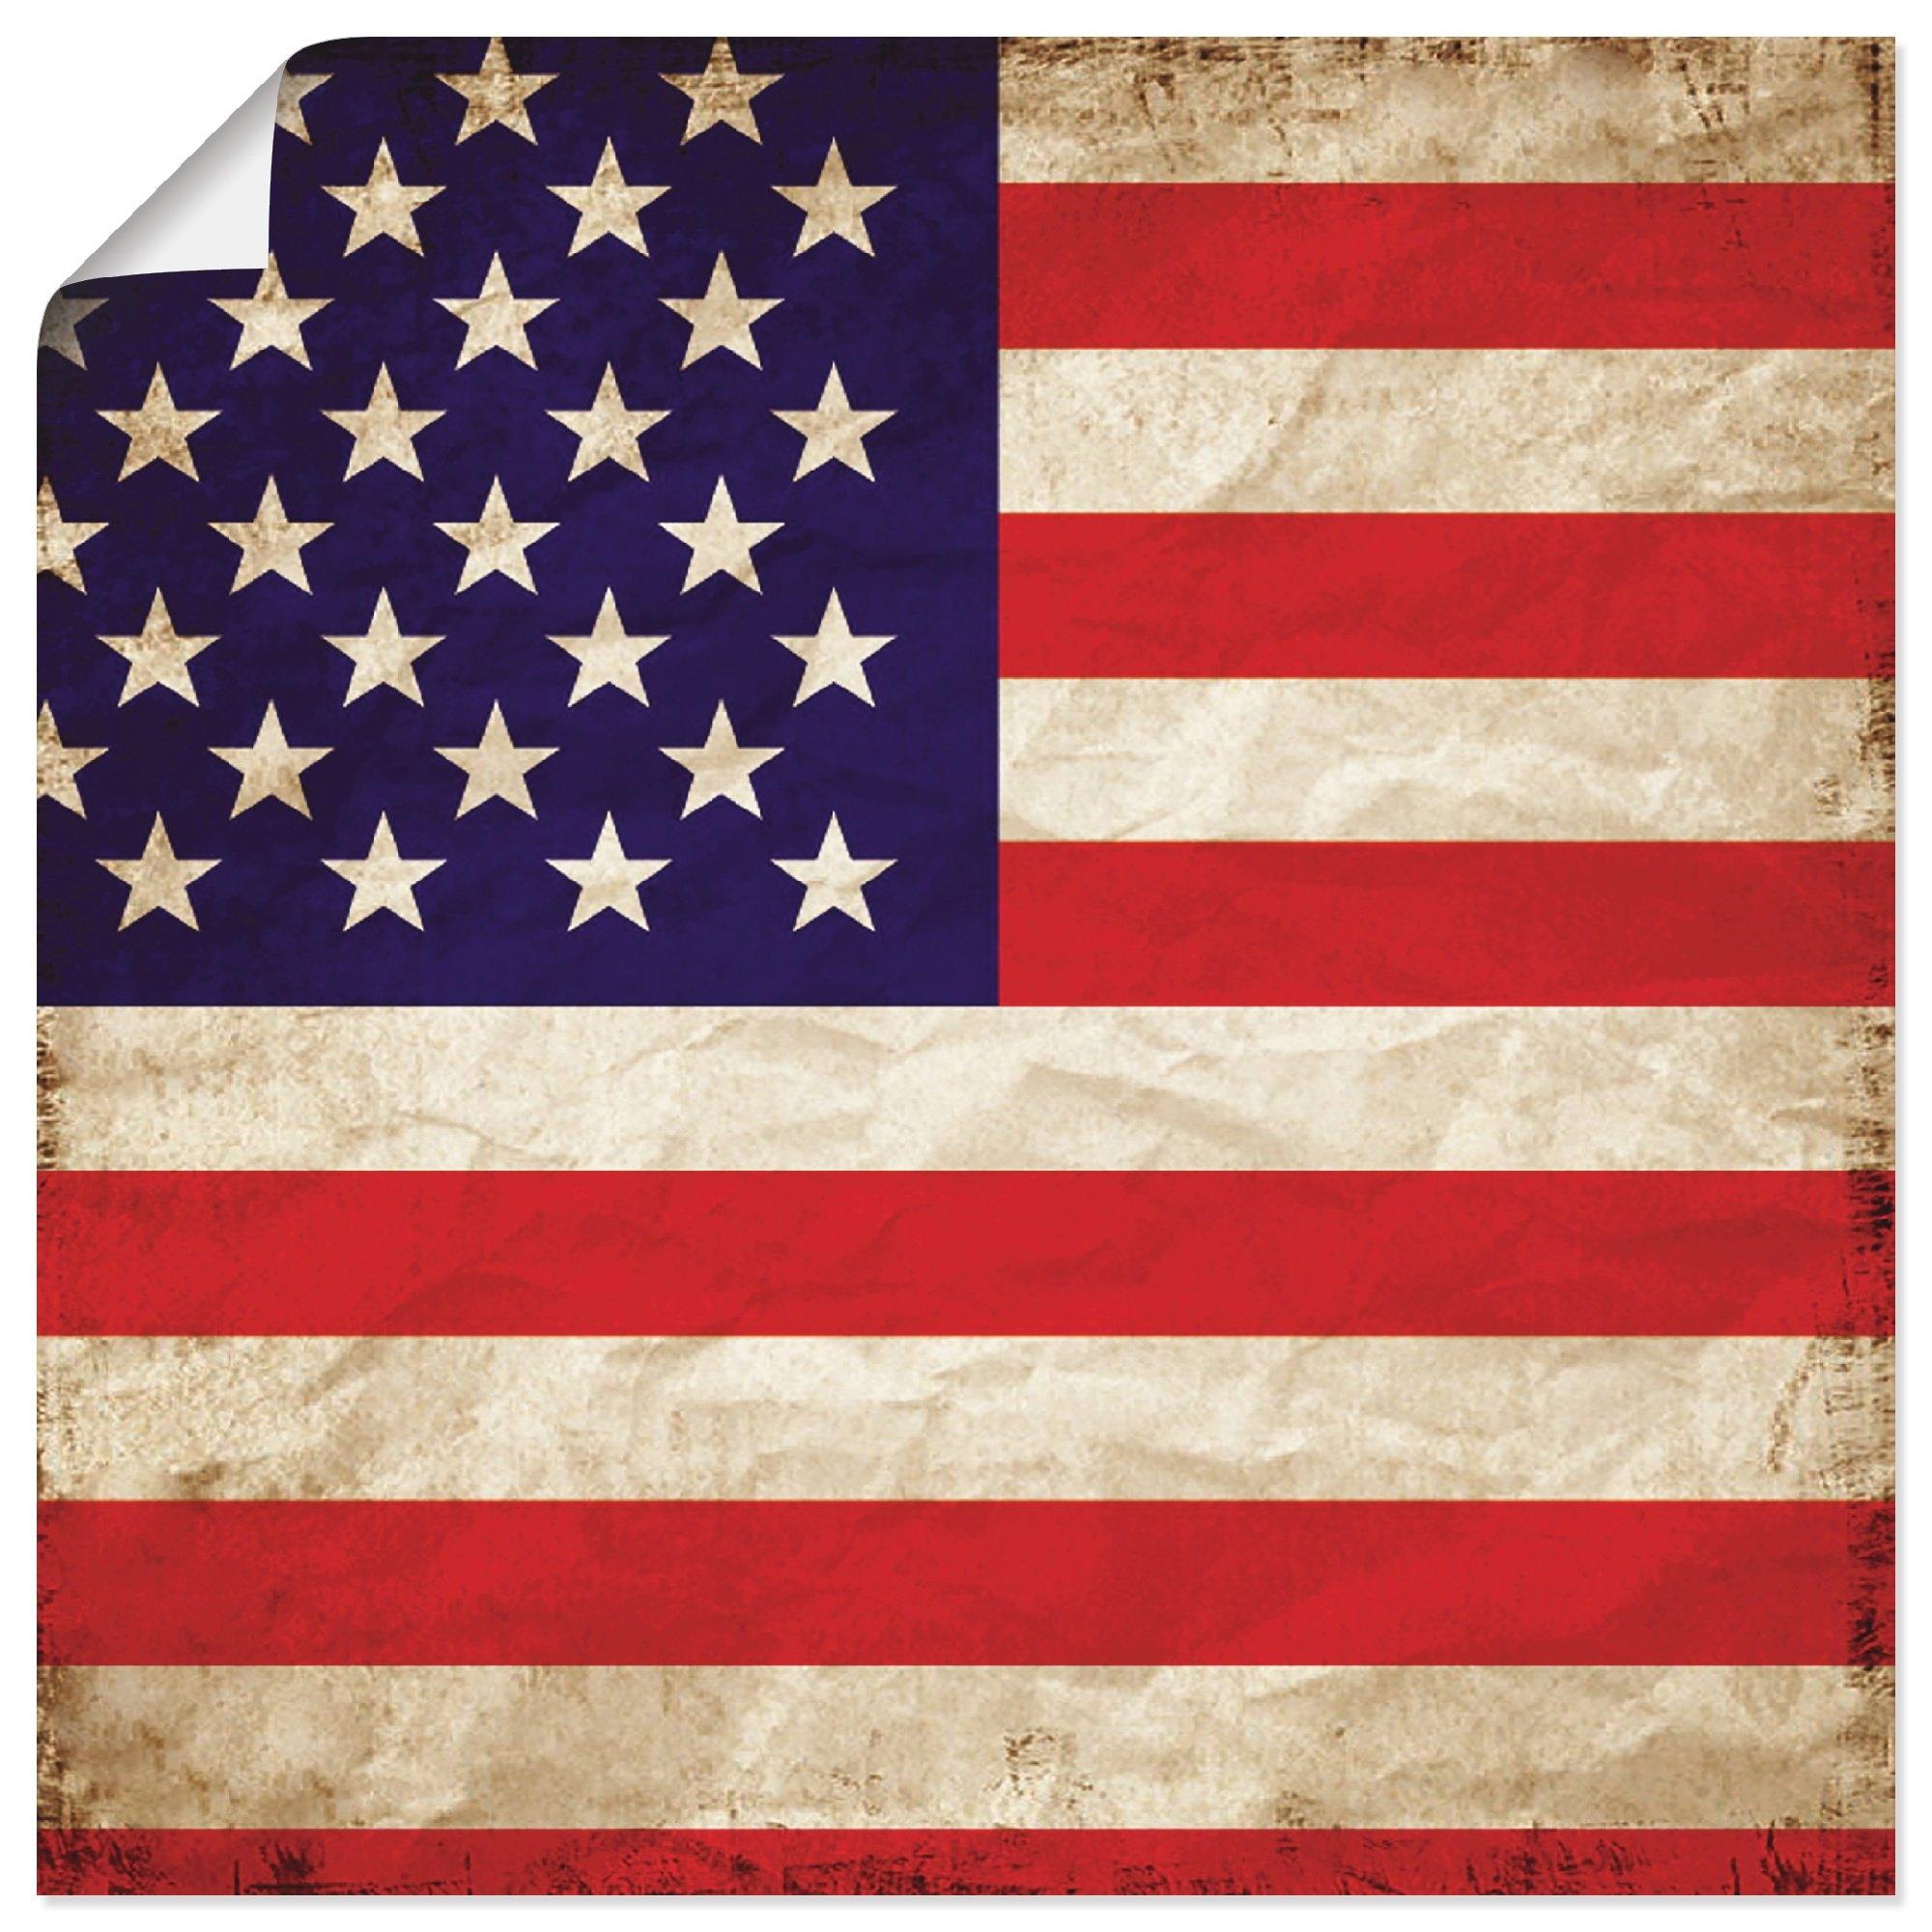 Artland artprint VS Amerikaanse vlag in vele afmetingen & productsoorten - artprint van aluminium / artprint voor buiten, artprint op linnen, poster, muursticker / wandfolie ook geschikt voor de badkamer (1 stuk) - verschillende betaalmethodes